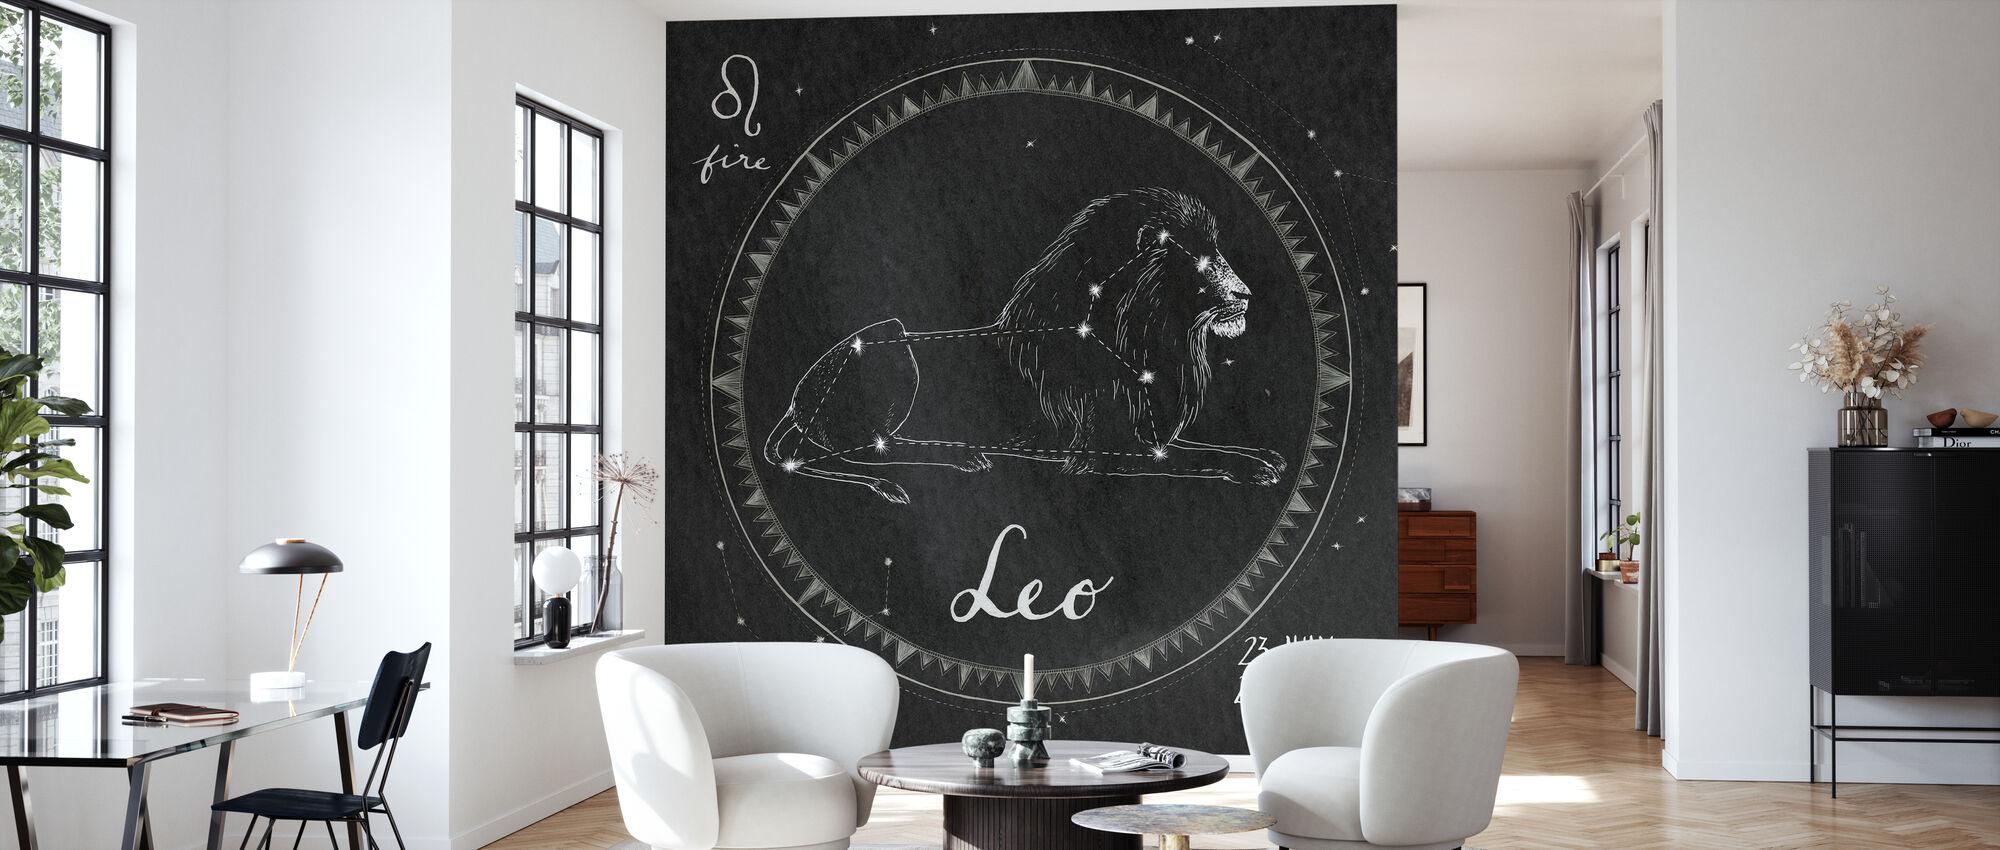 Night Sky Leo - Wallpaper - Living Room